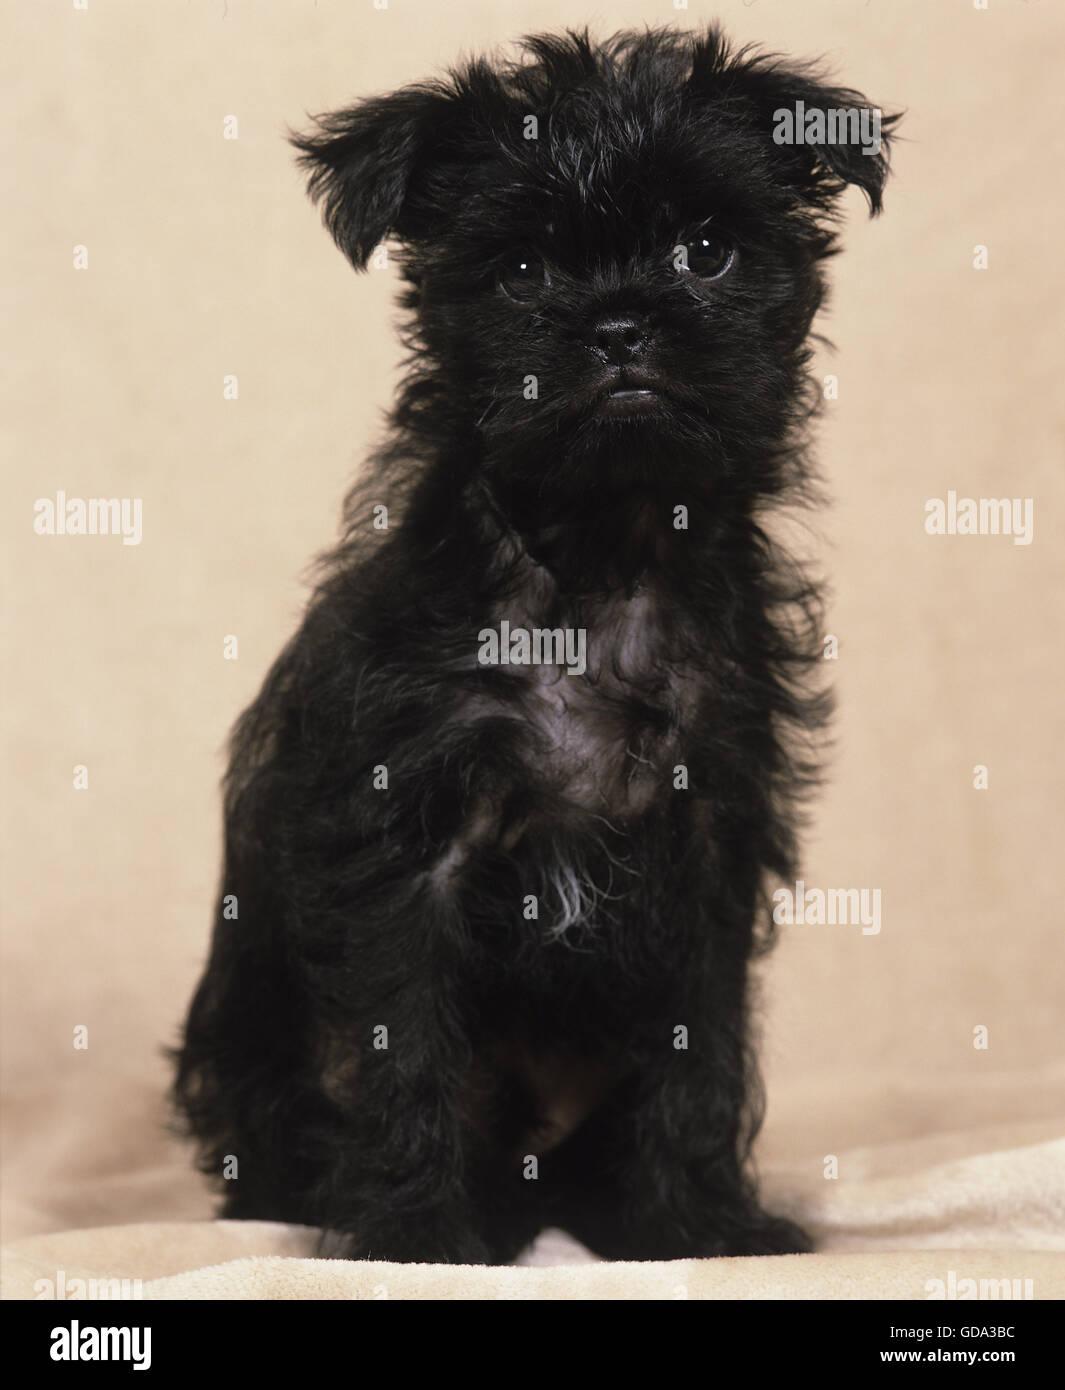 Affenpinscher Puppy Stock Photos Affenpinscher Puppy Stock Images